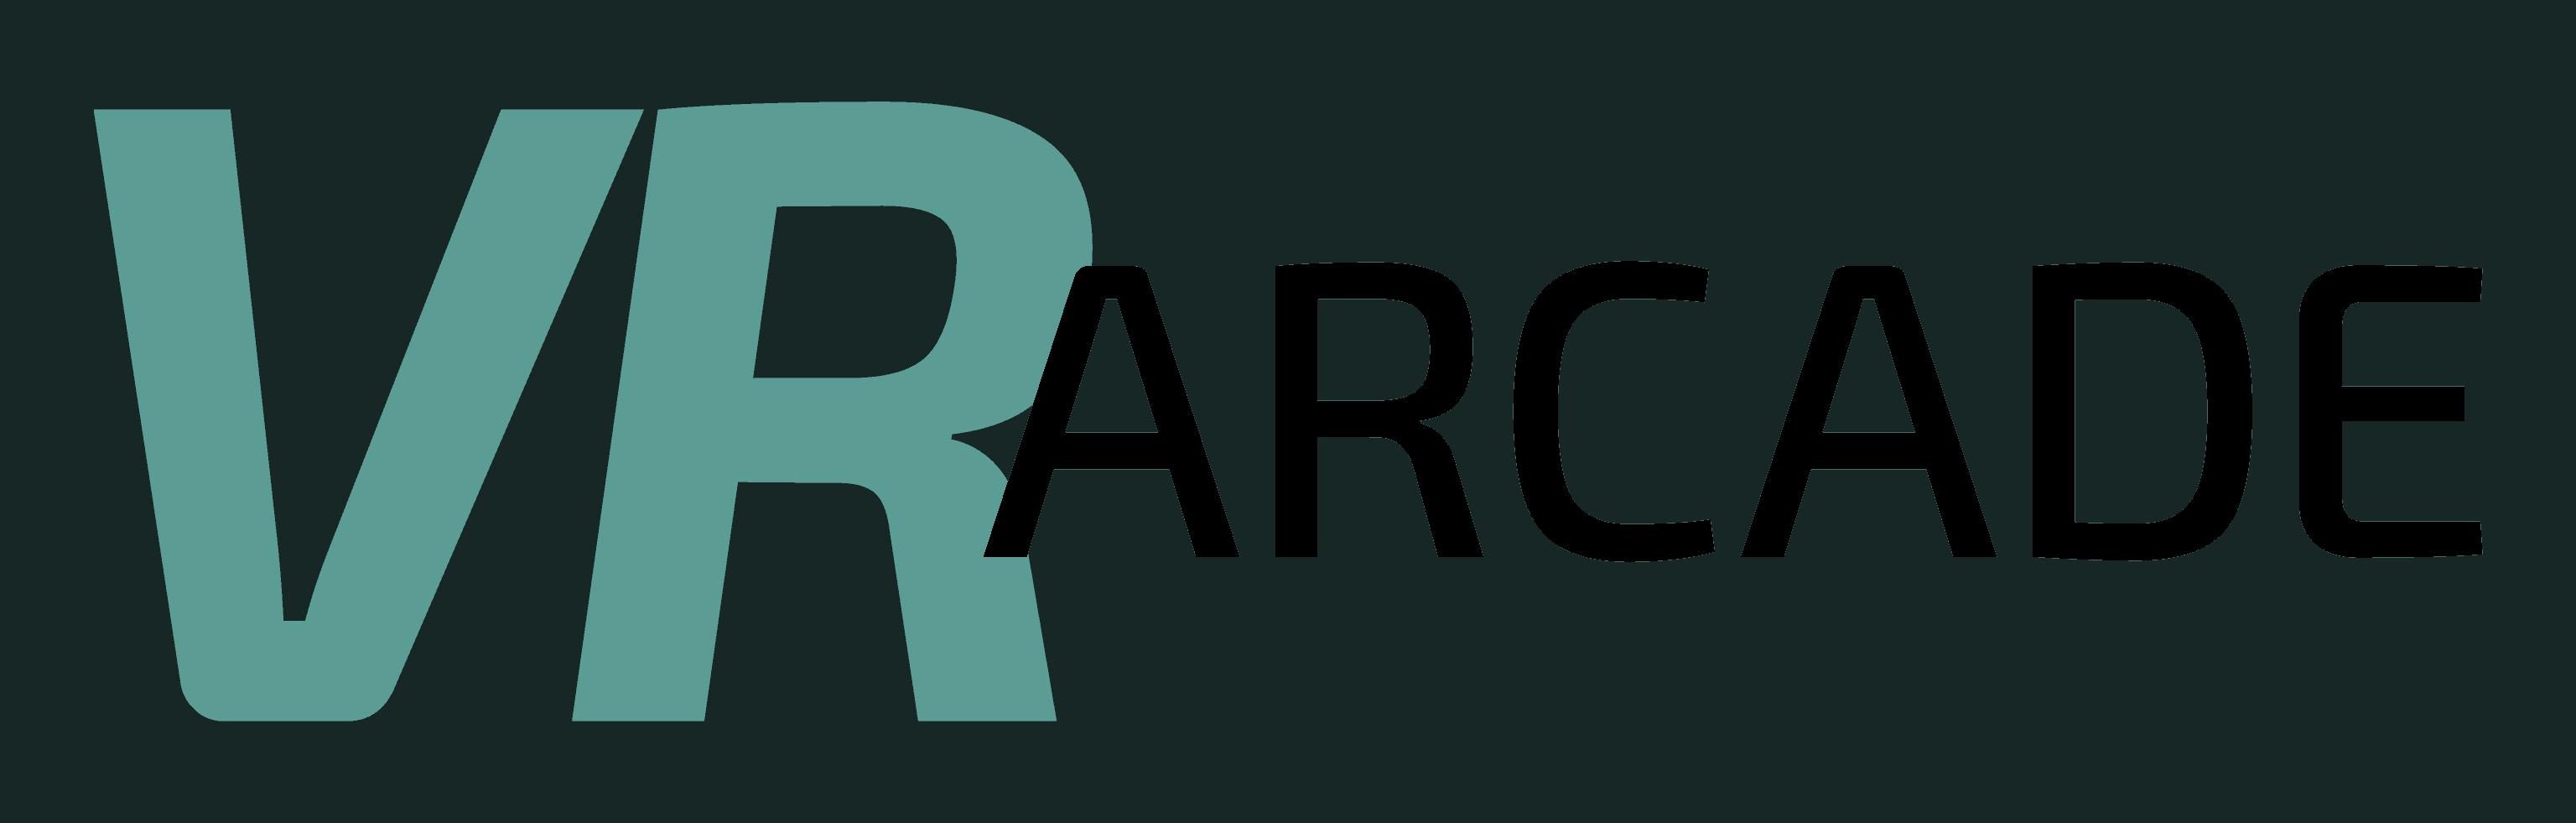 VR Experiences Logos-02 blk